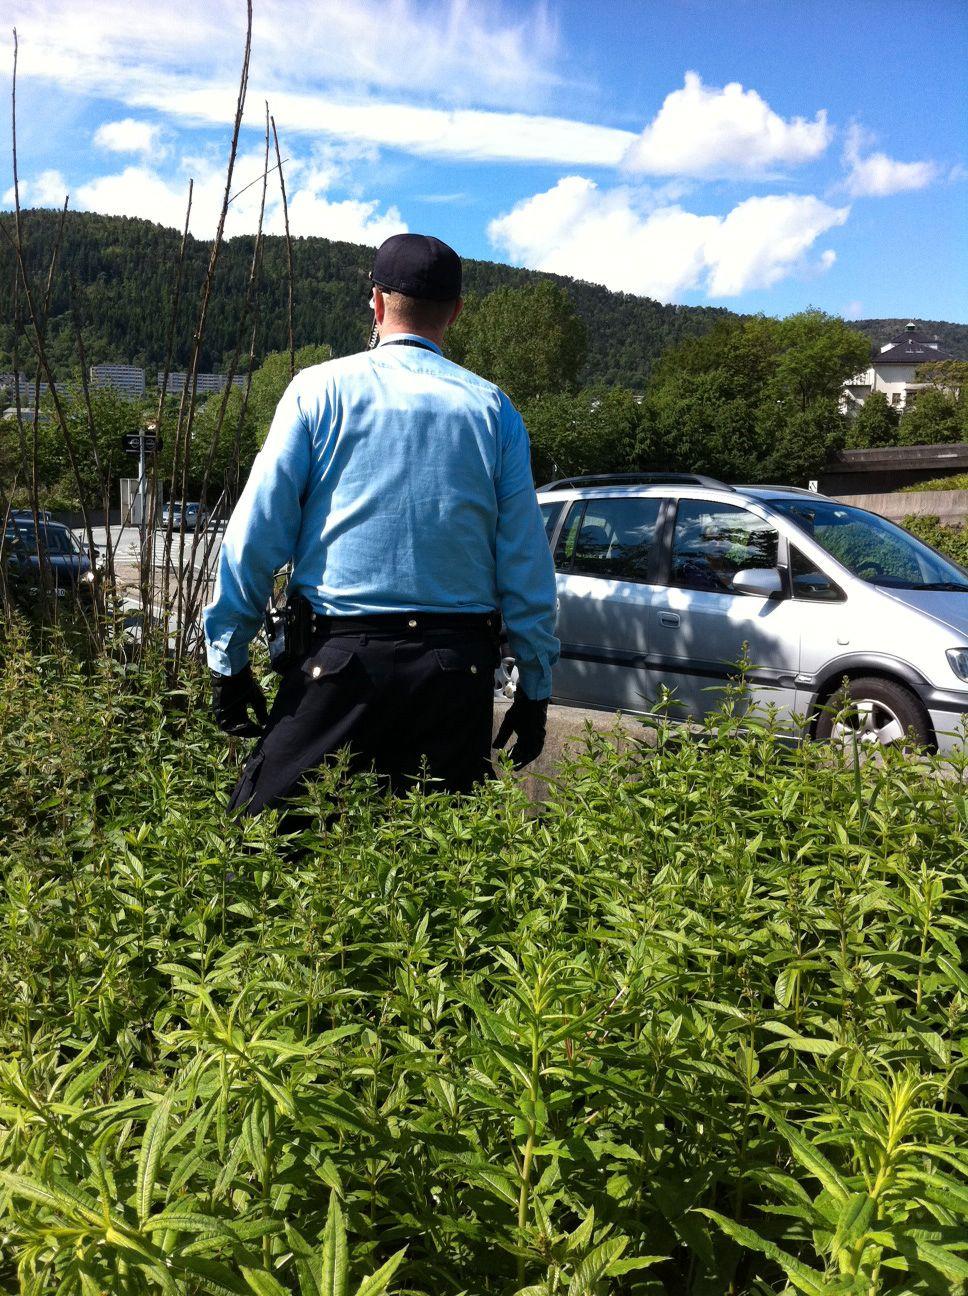 SØK: Politiet søkte etter taggerne i buskene.